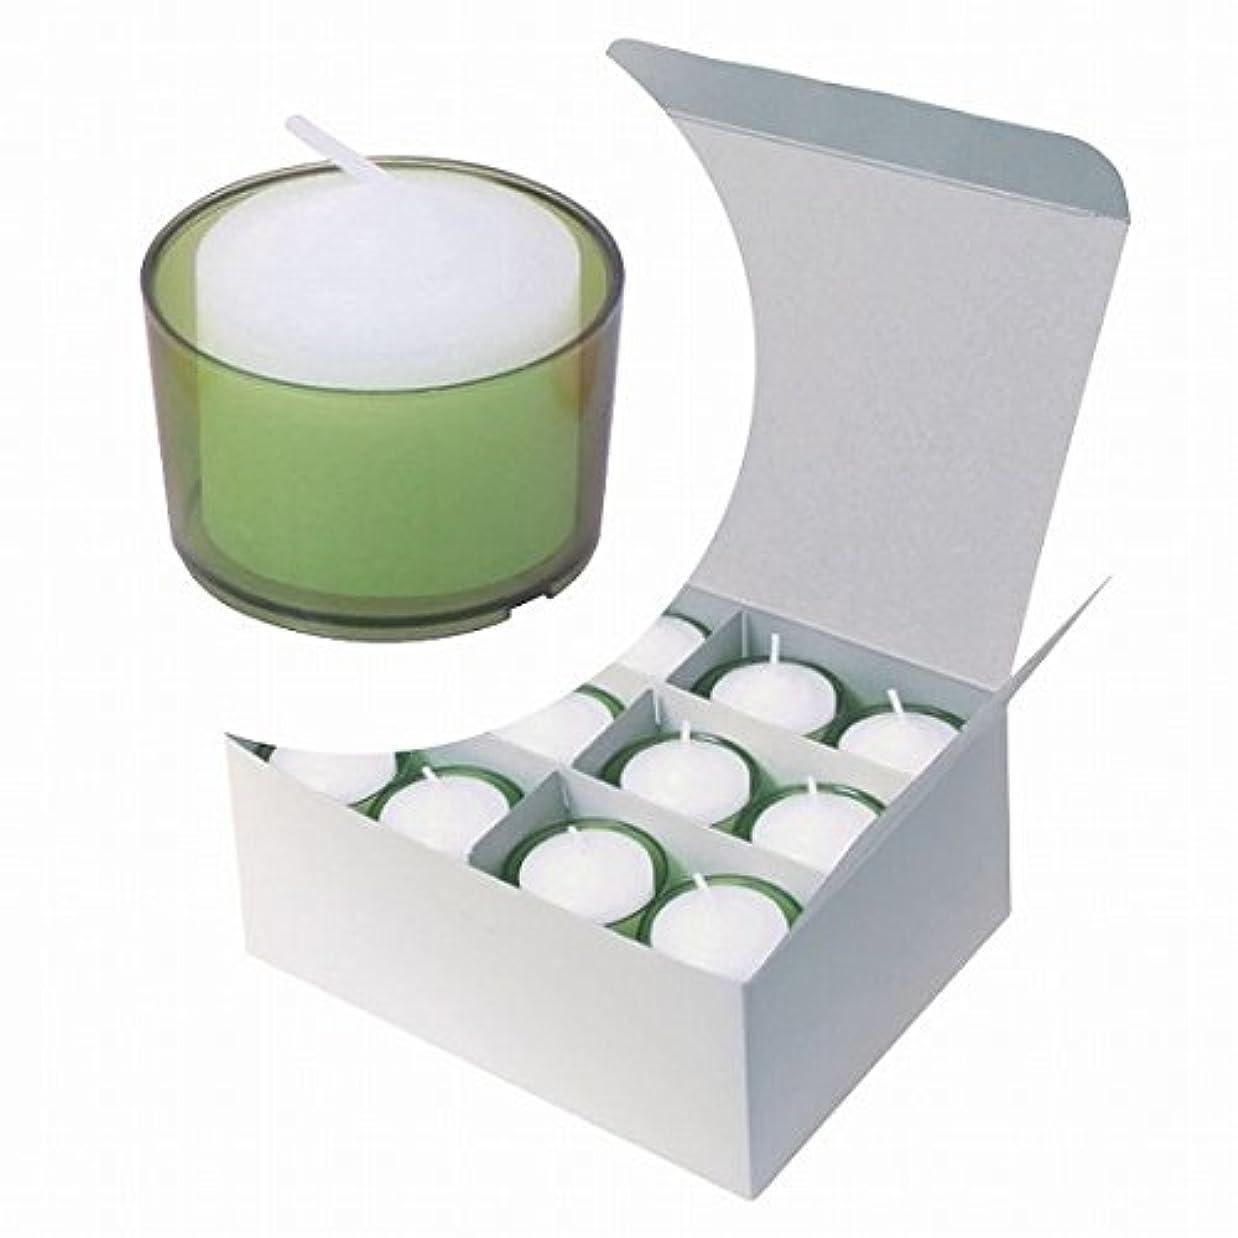 アヒル優先旅カメヤマキャンドル(kameyama candle) カラークリアカップボーティブ6時間タイプ 24個入り 「 グリーン 」